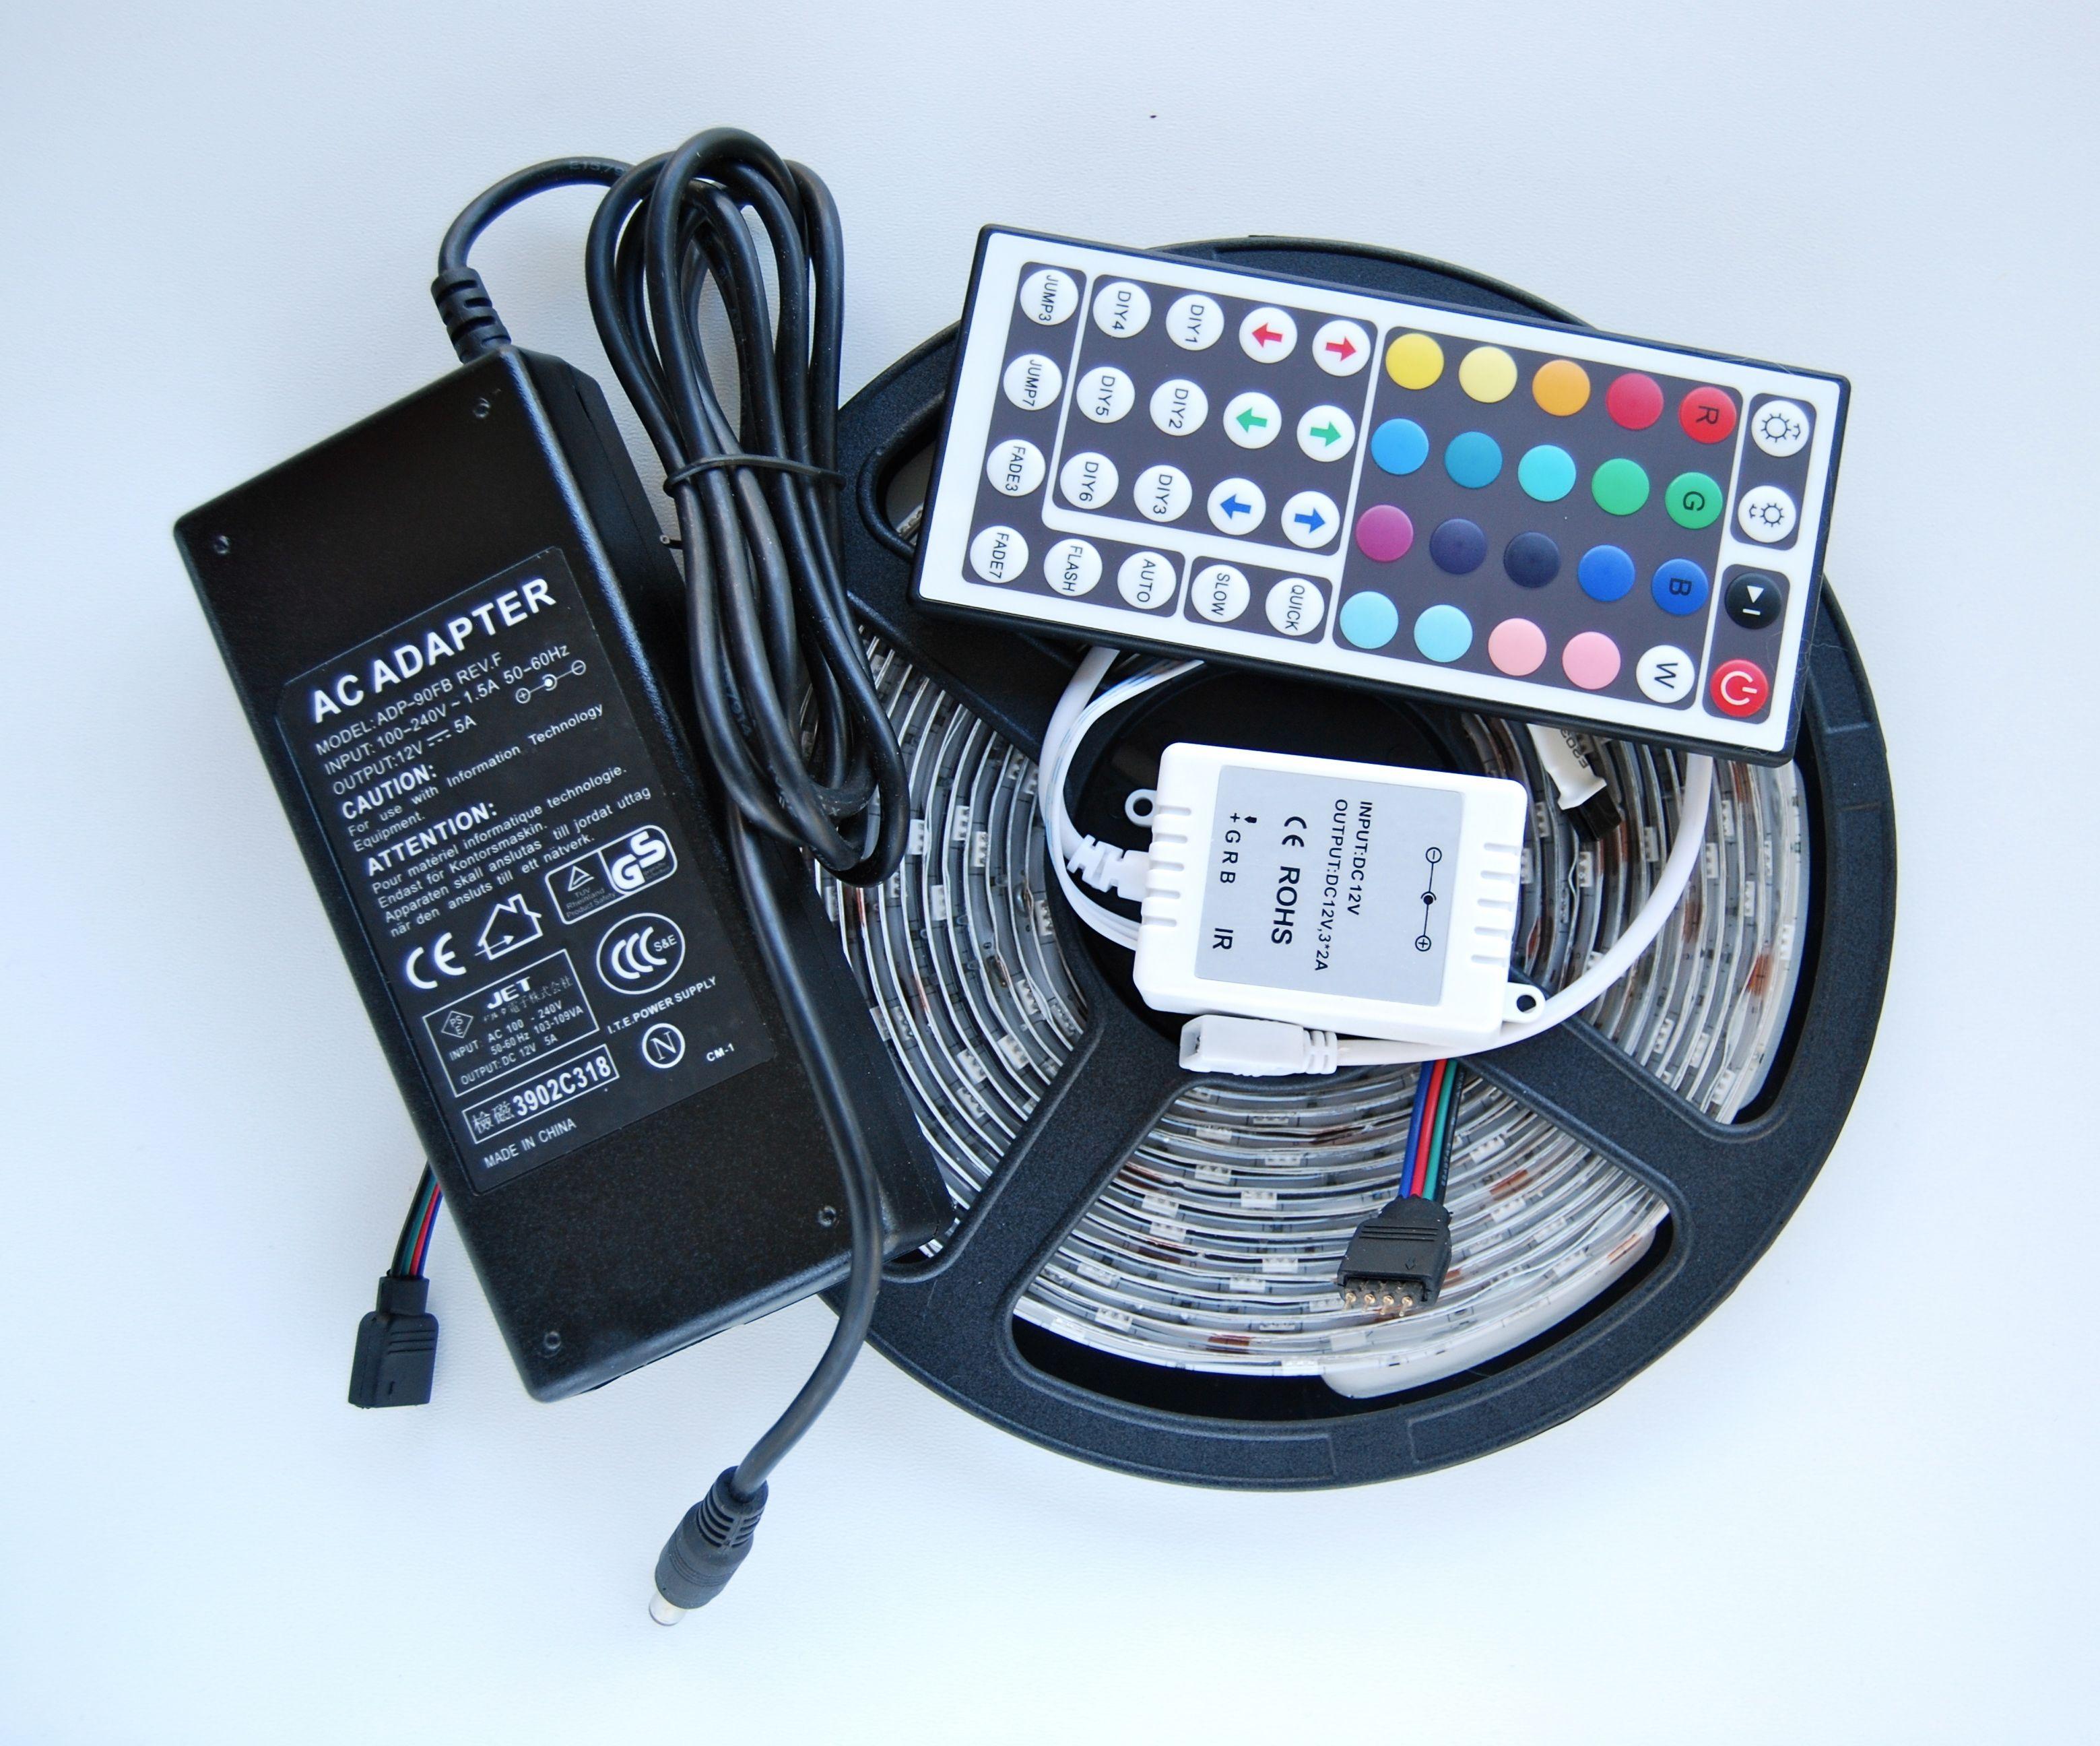 Flexibel och vattentät (IP65) LED-strip RGB för inomhus- och utomhusbruk. Rullarna har självhäftande baksida och är lättapplicerbara på olika ytor. LED strip RGB är ett praktiskt belysningsalternativ. LED-rullen går att kapa var tionde centimeter. Lamporna är lättapplicerbara och varje rulle levereras med en transformator och en fjärrkontroll som styr ljusstyrka och -nyans.  Listerna går att skarva ihop .